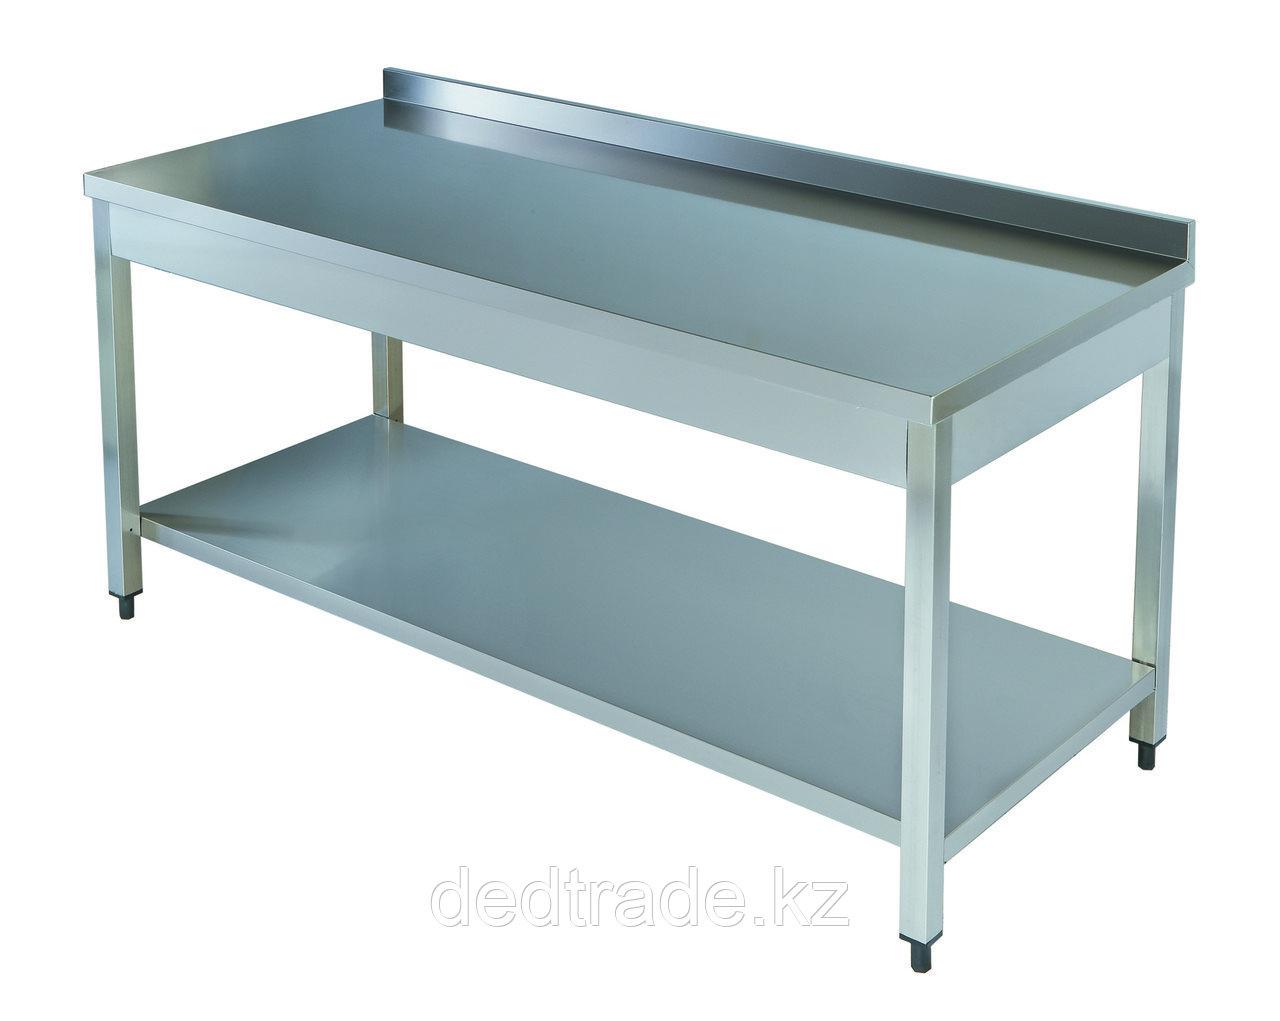 Рабочий стол с полкой нержавеющая сталь Размеры 1400*600*850 мм